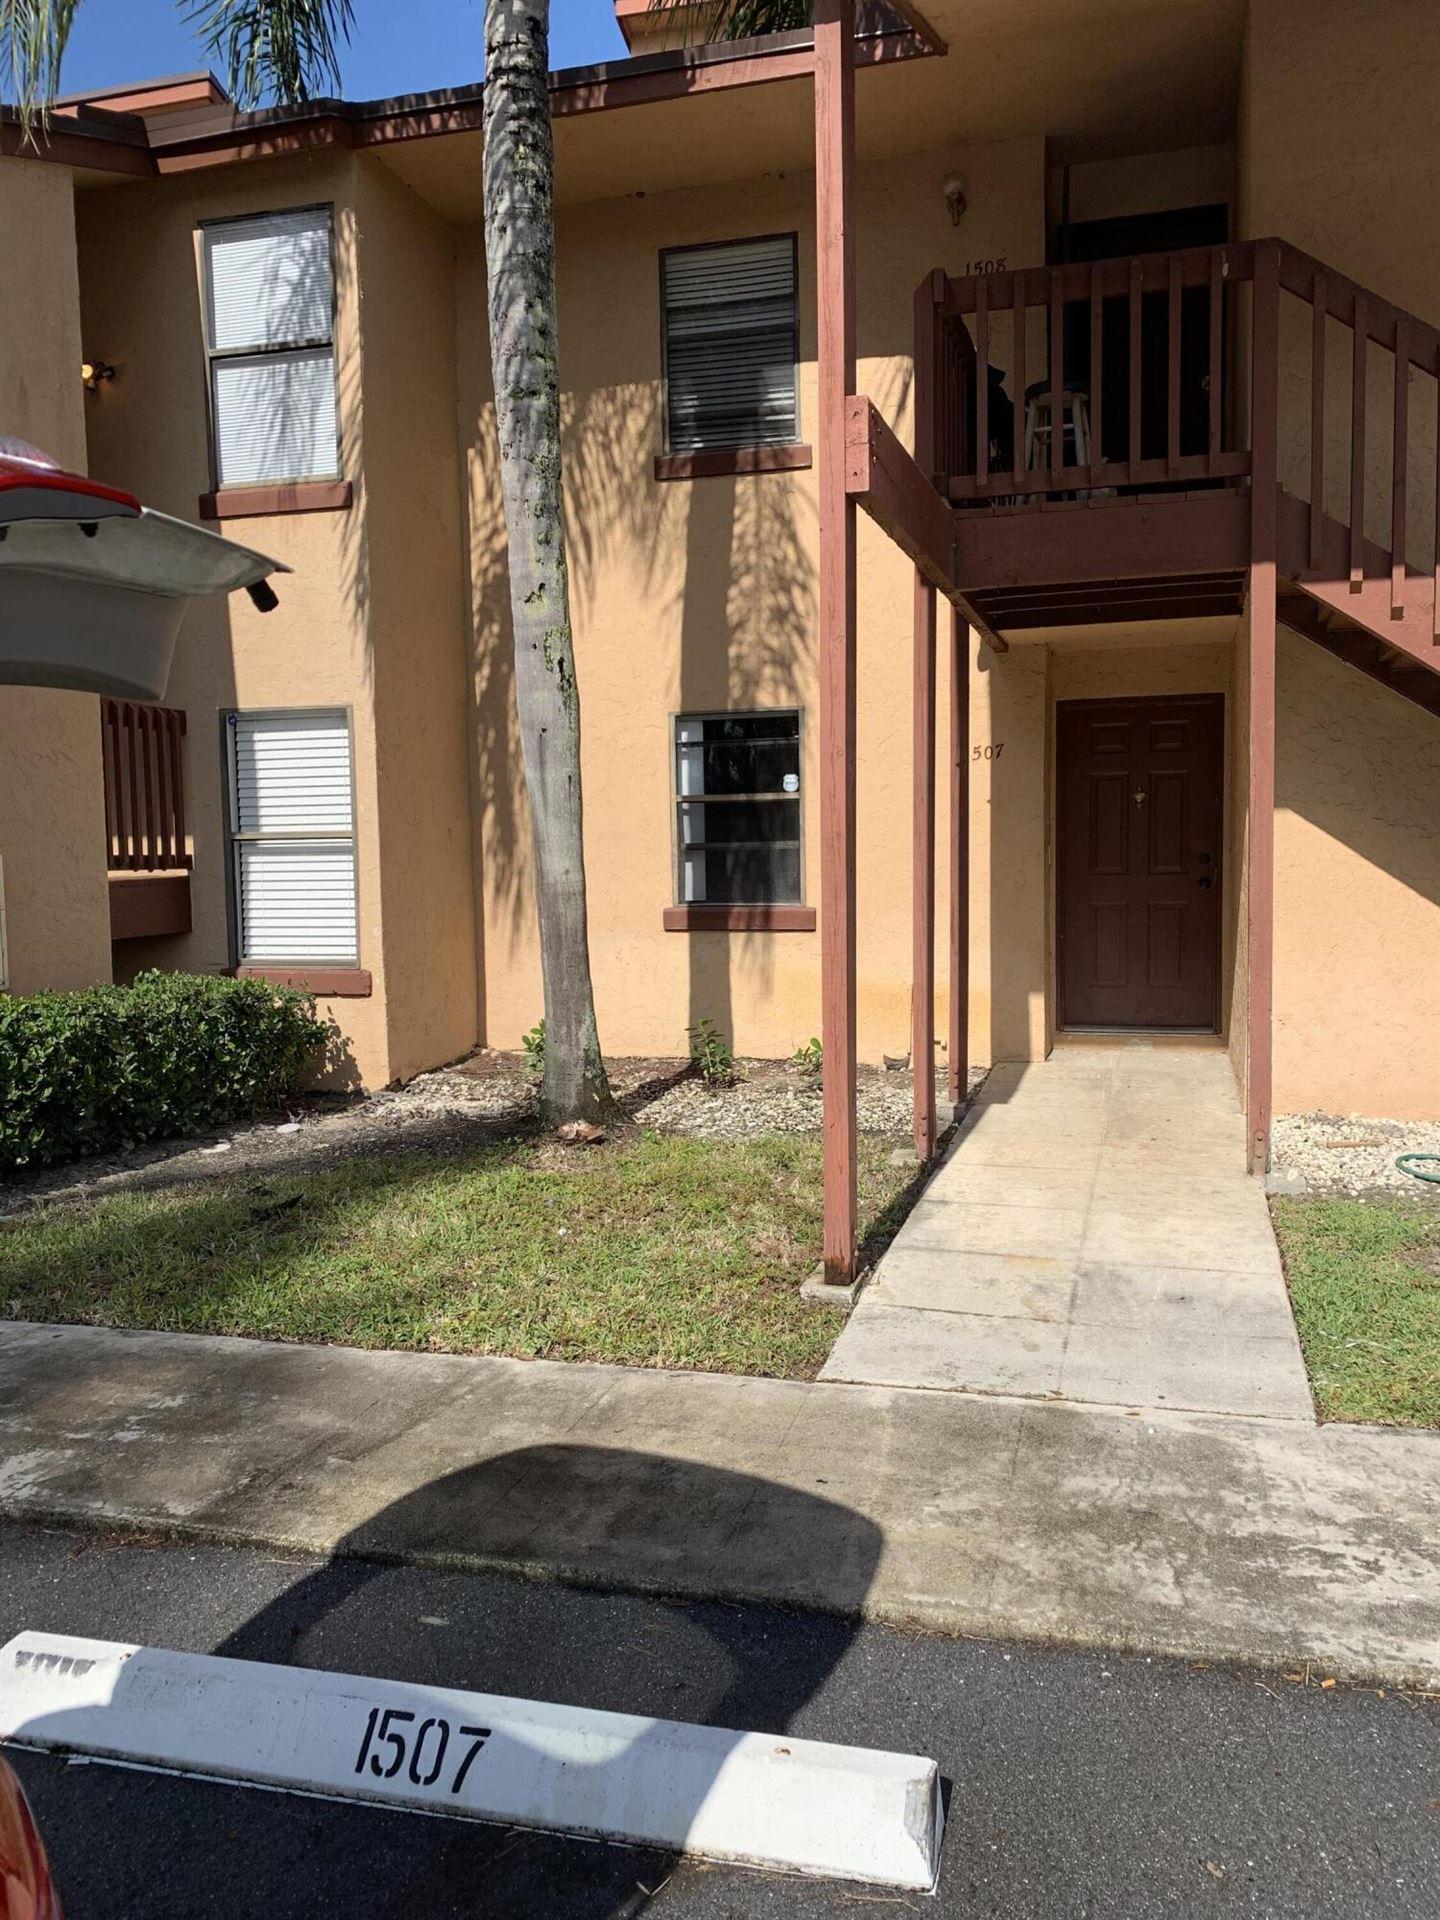 1507 Lakeview Drive E, Royal Palm Beach, FL 33411 - MLS#: RX-10746286